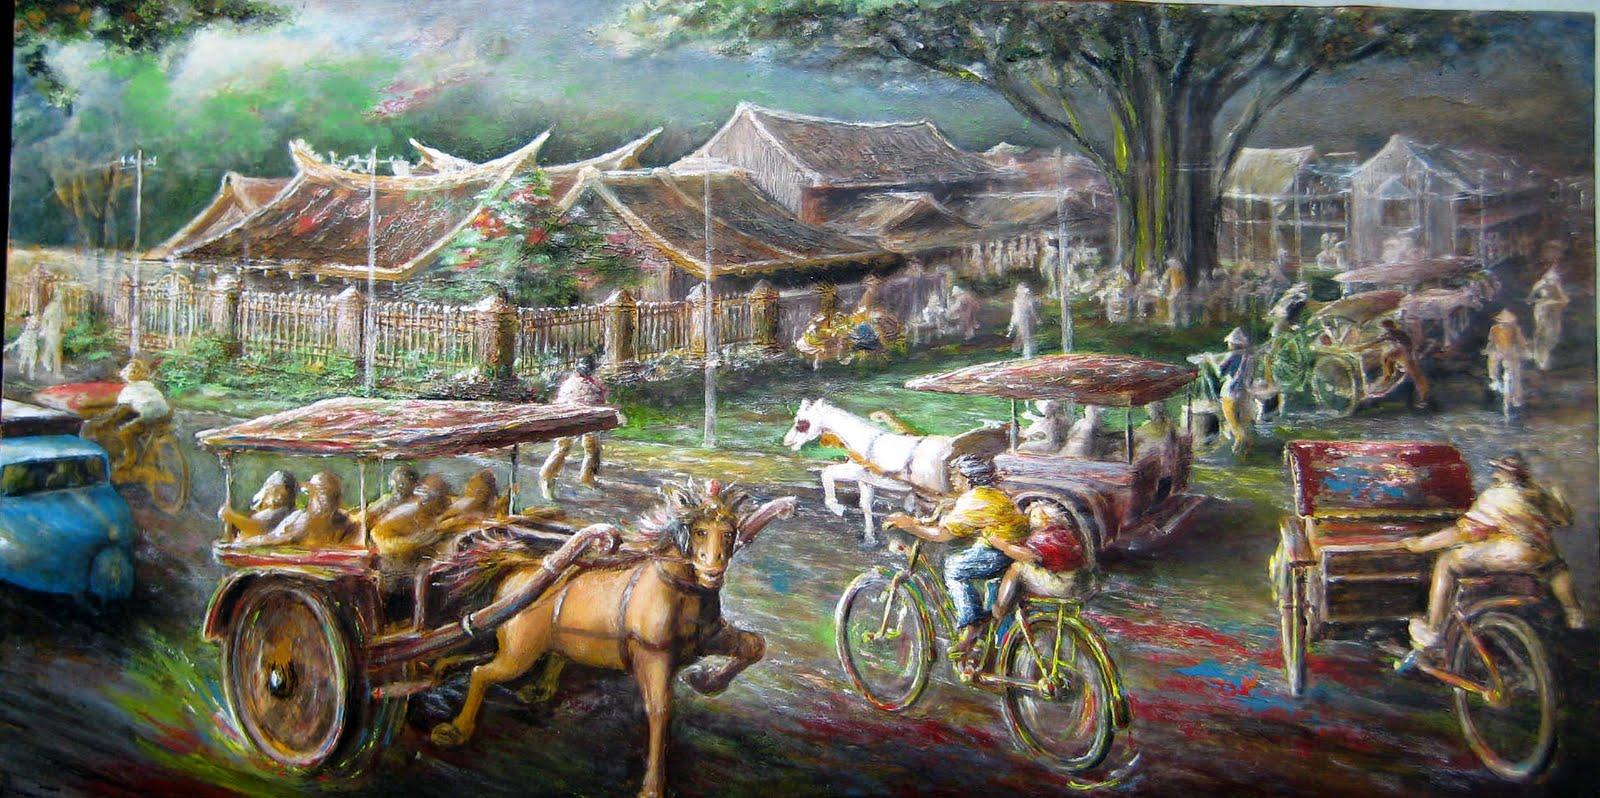 Griya Lukisan Koleksi Lukisan